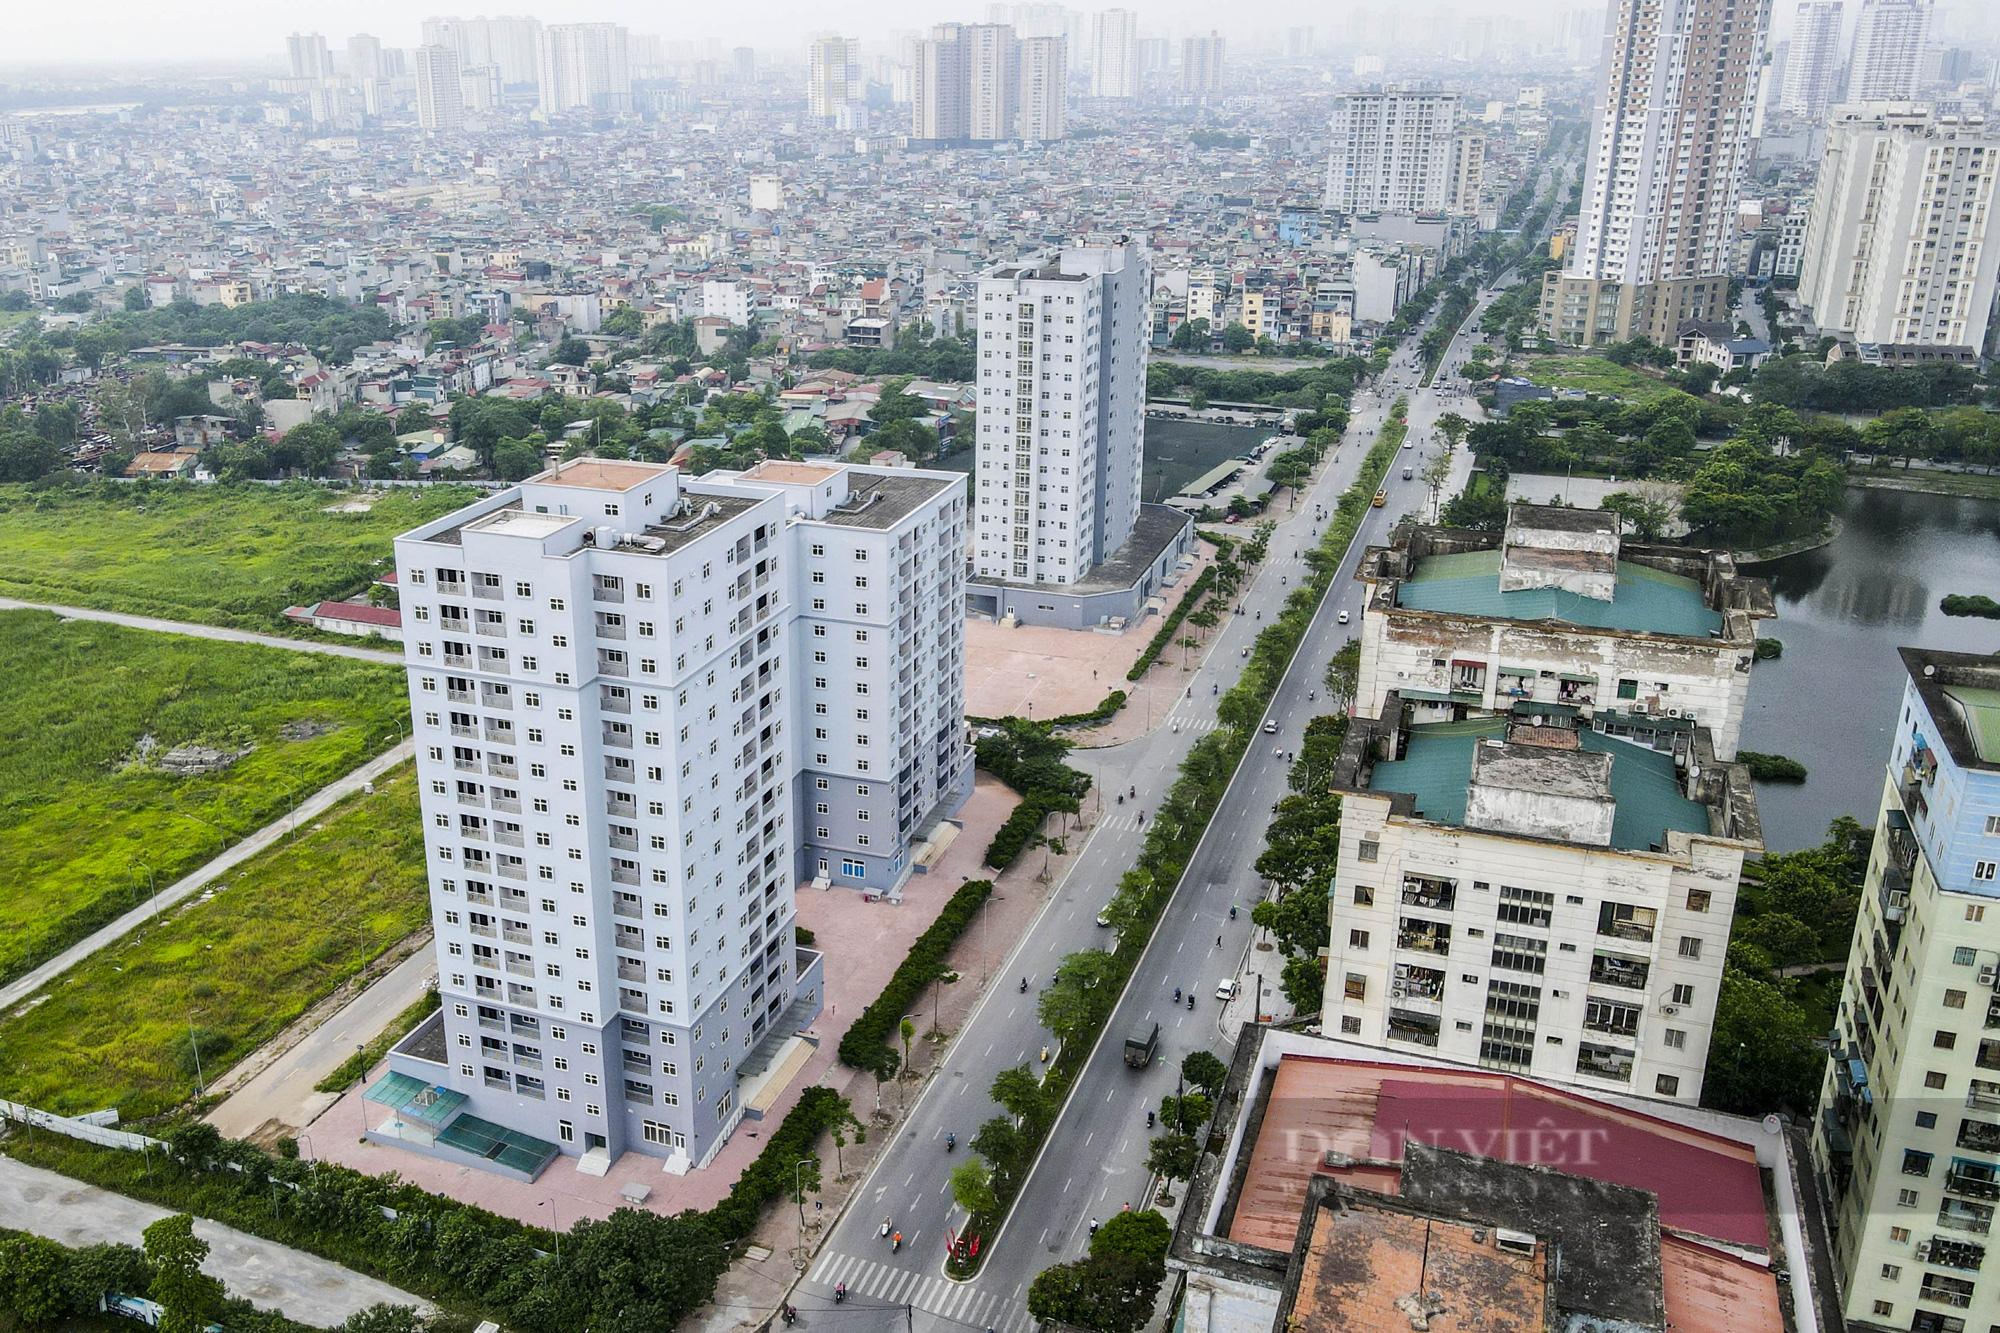 Điểm qua các khu nhà tái định cư được trưng dụng là bệnh viện dã chiến tại Hà Nội - Ảnh 15.